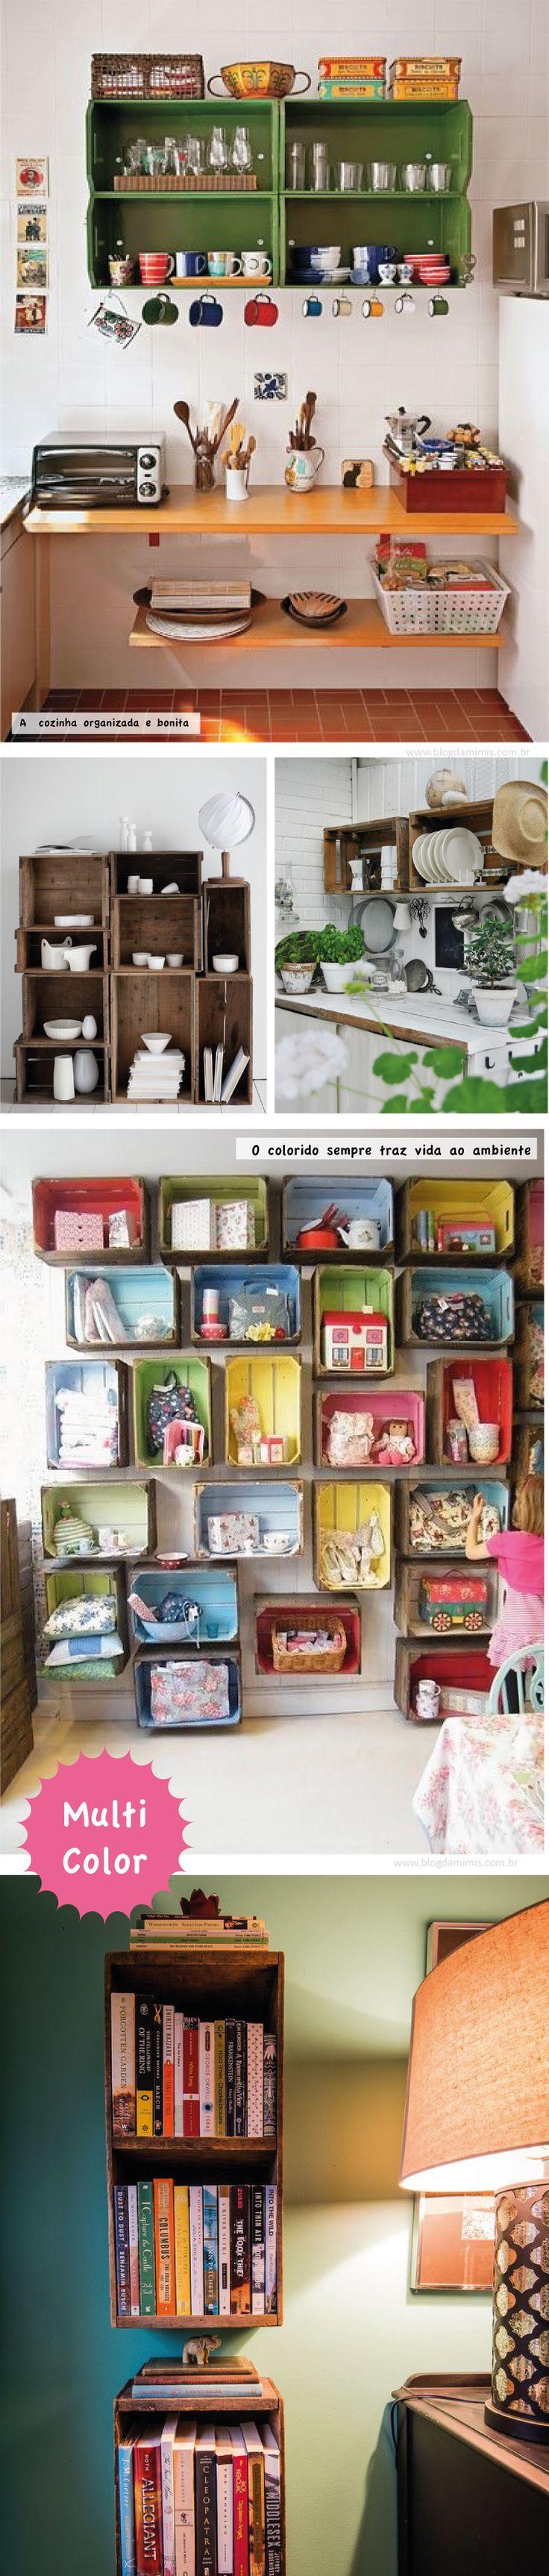 Reciclando caixotes de feira